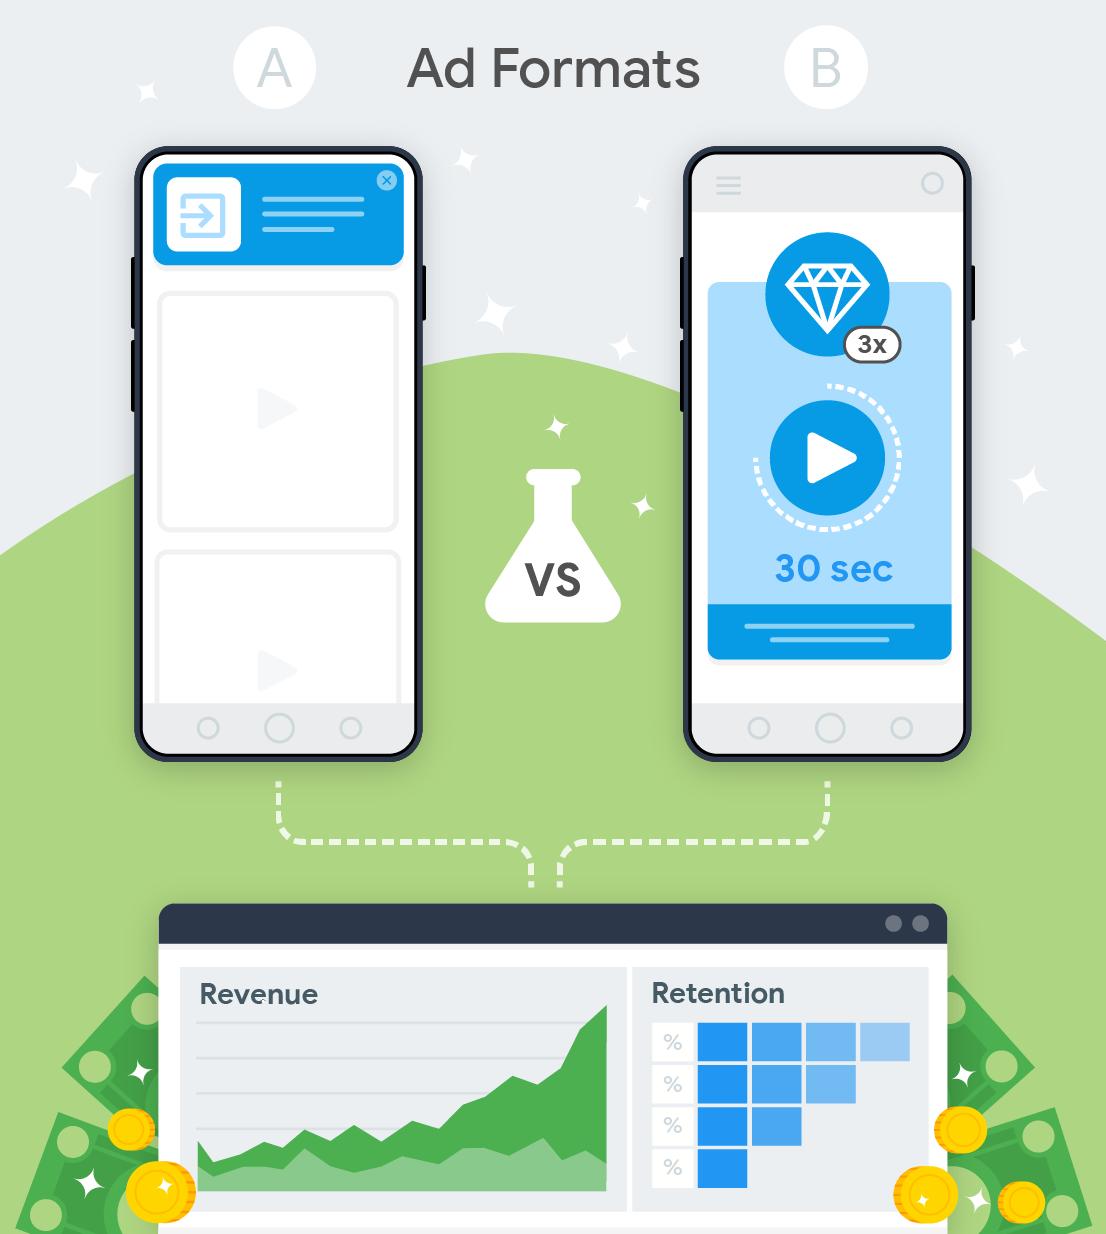 testar dois formatos de anúncio e seu impacto na receita e na retenção